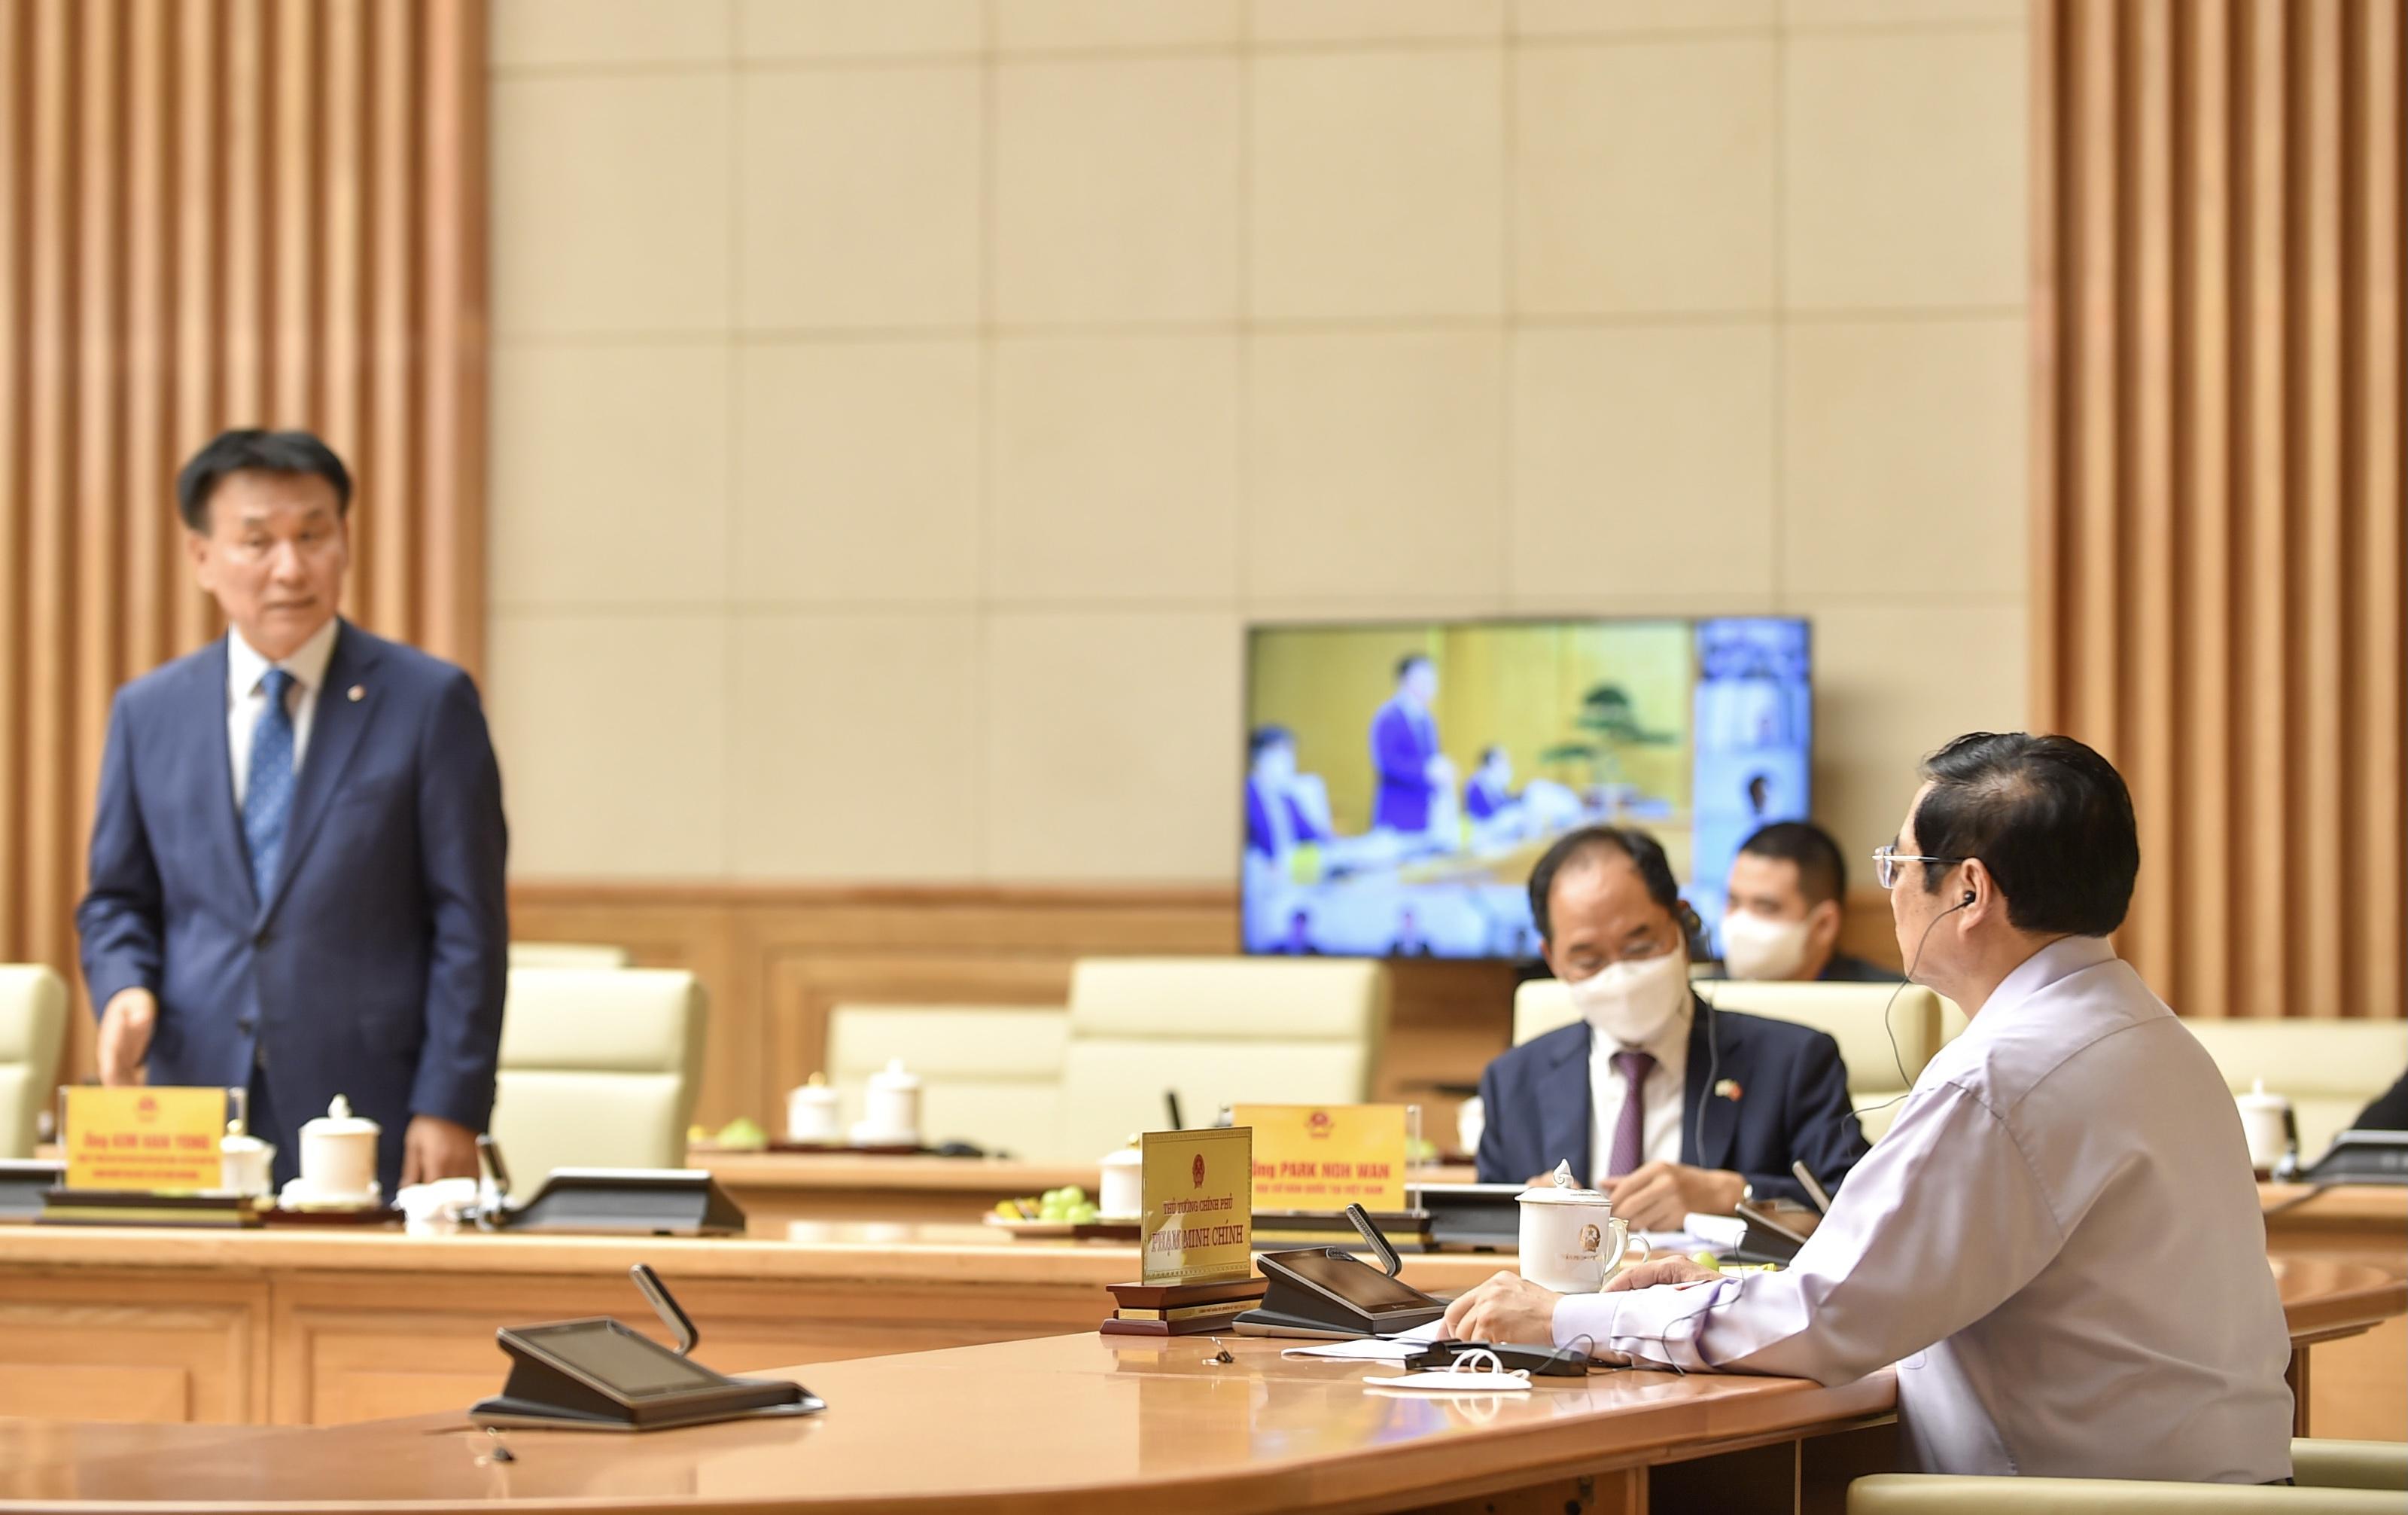 Chính phủ cầu thị lắng nghe, đồng hành, hỗ trợ doanh nghiệp vượt qua khó khăn